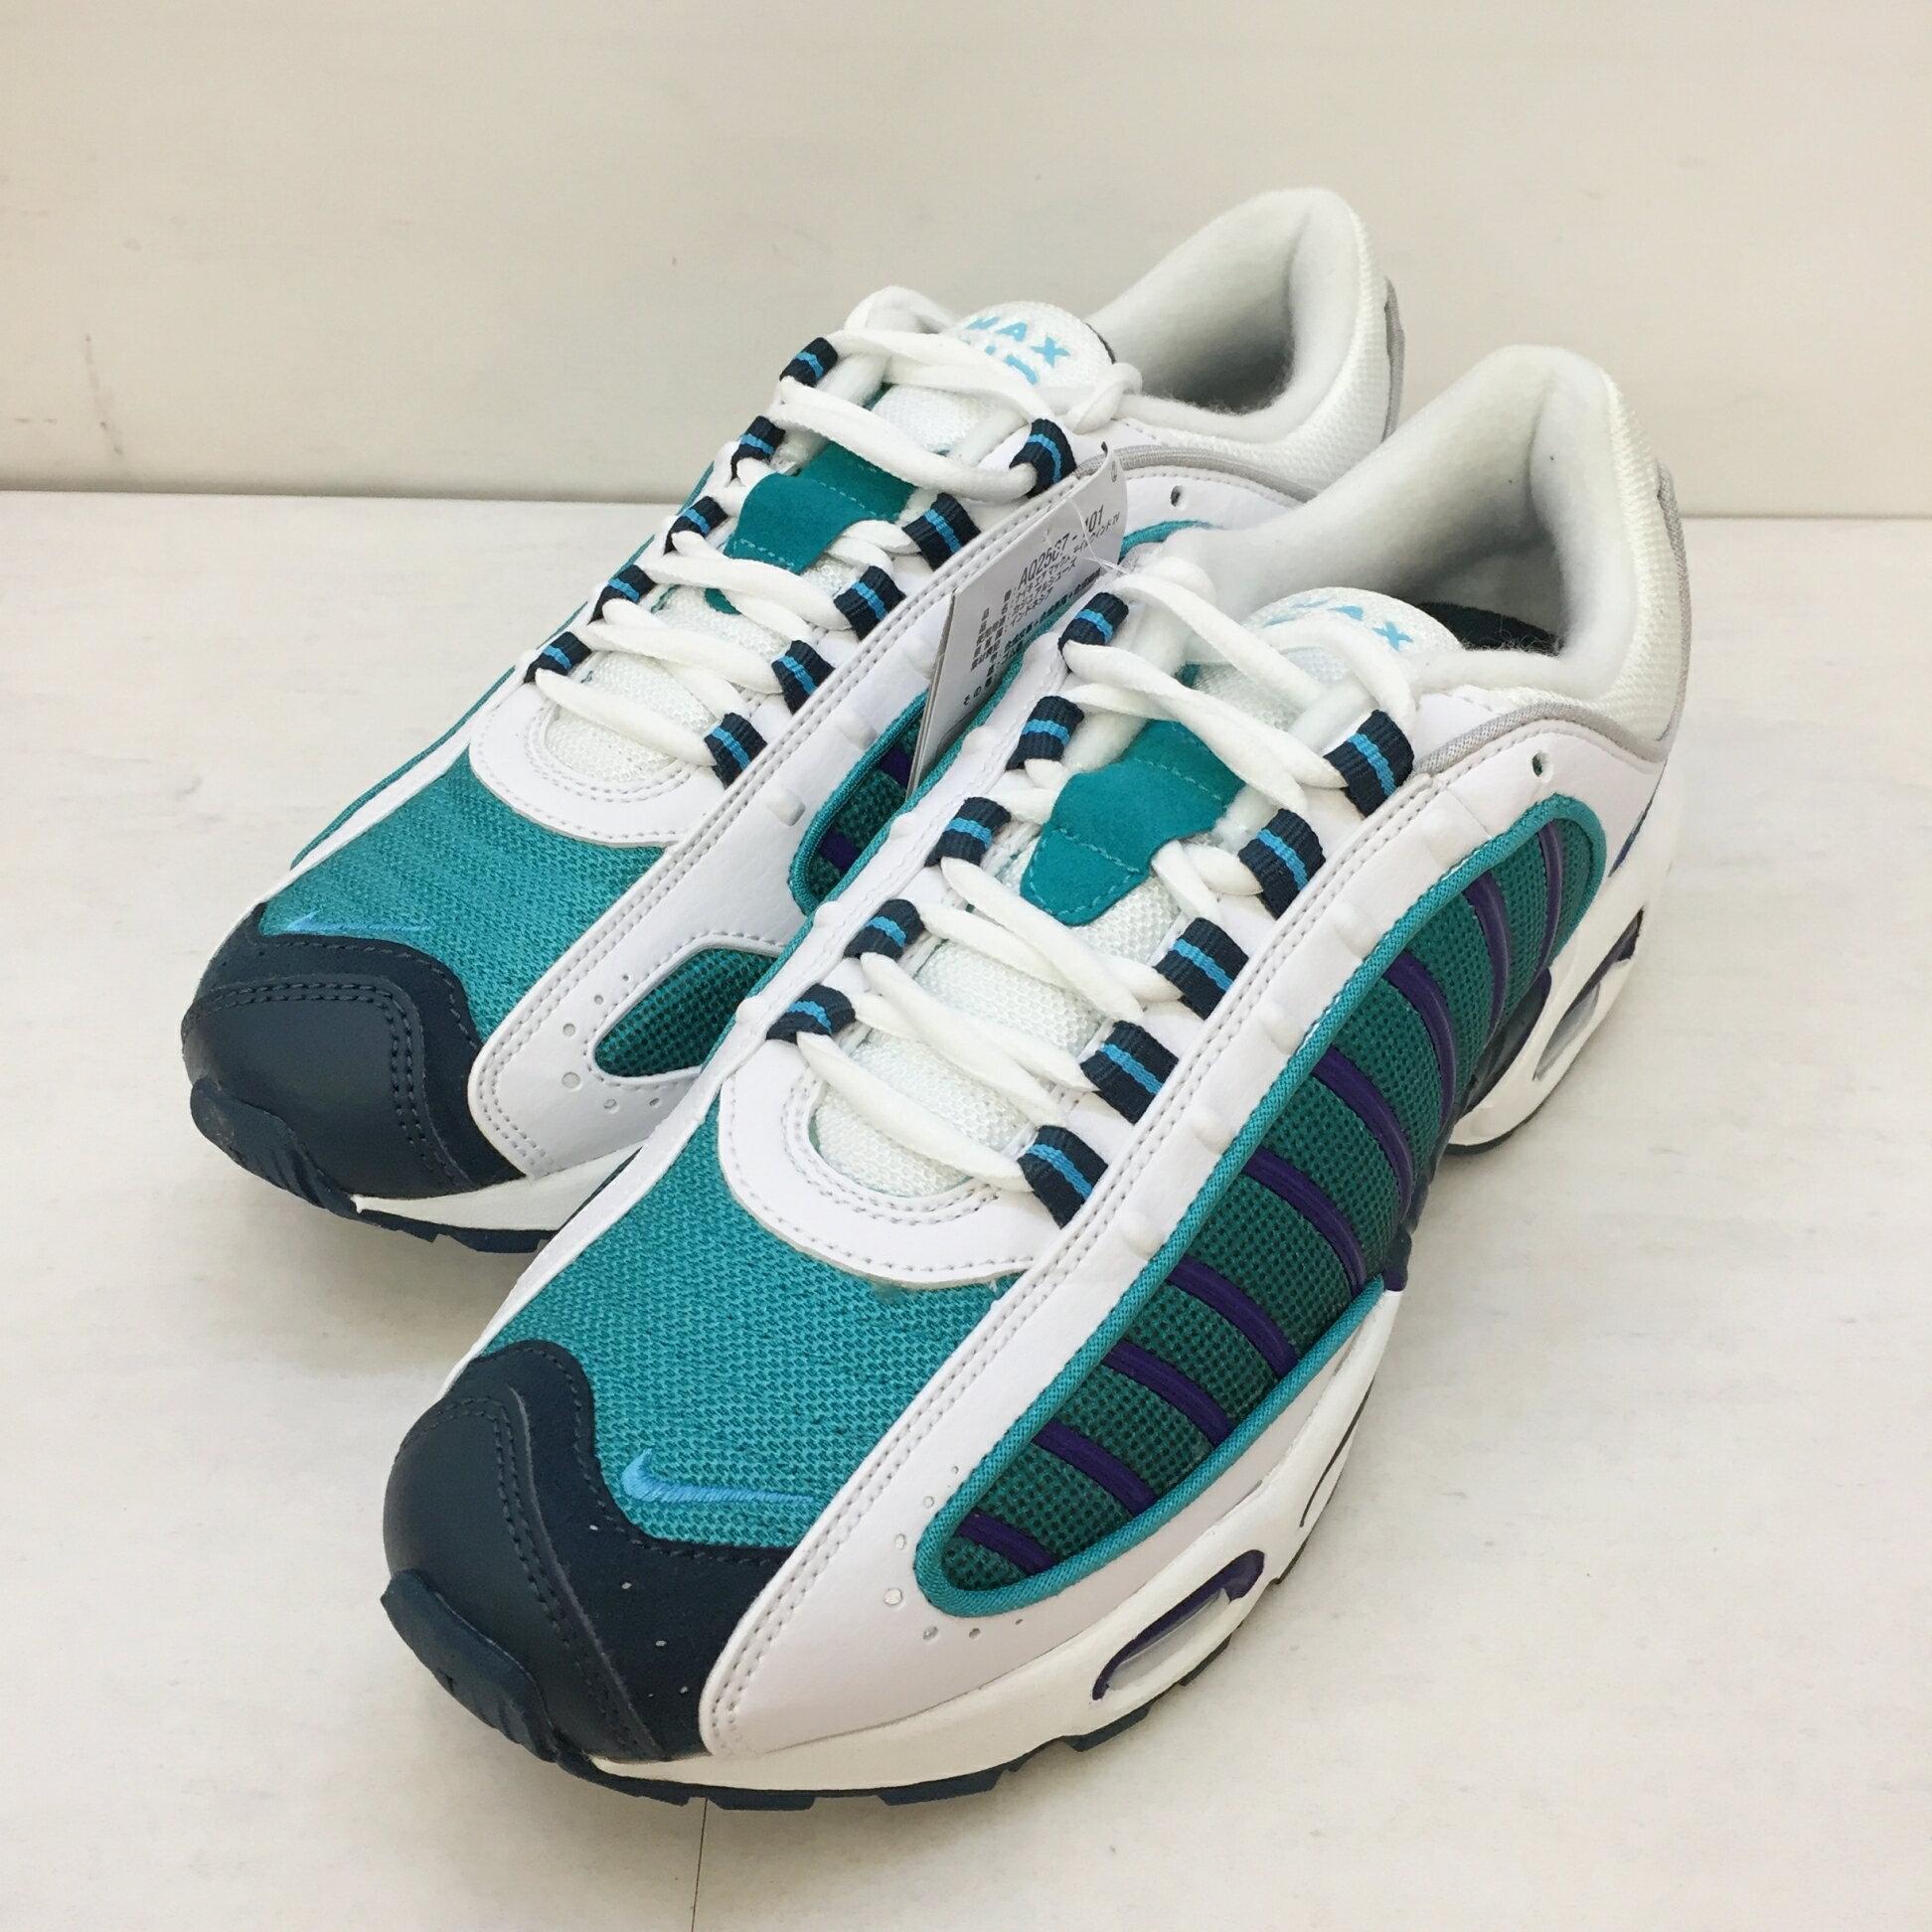 メンズ靴, スニーカー NIKE () AIR MAX TAILWIND IV AQ2567 101 8(26cm) 139 139-210401-07OS